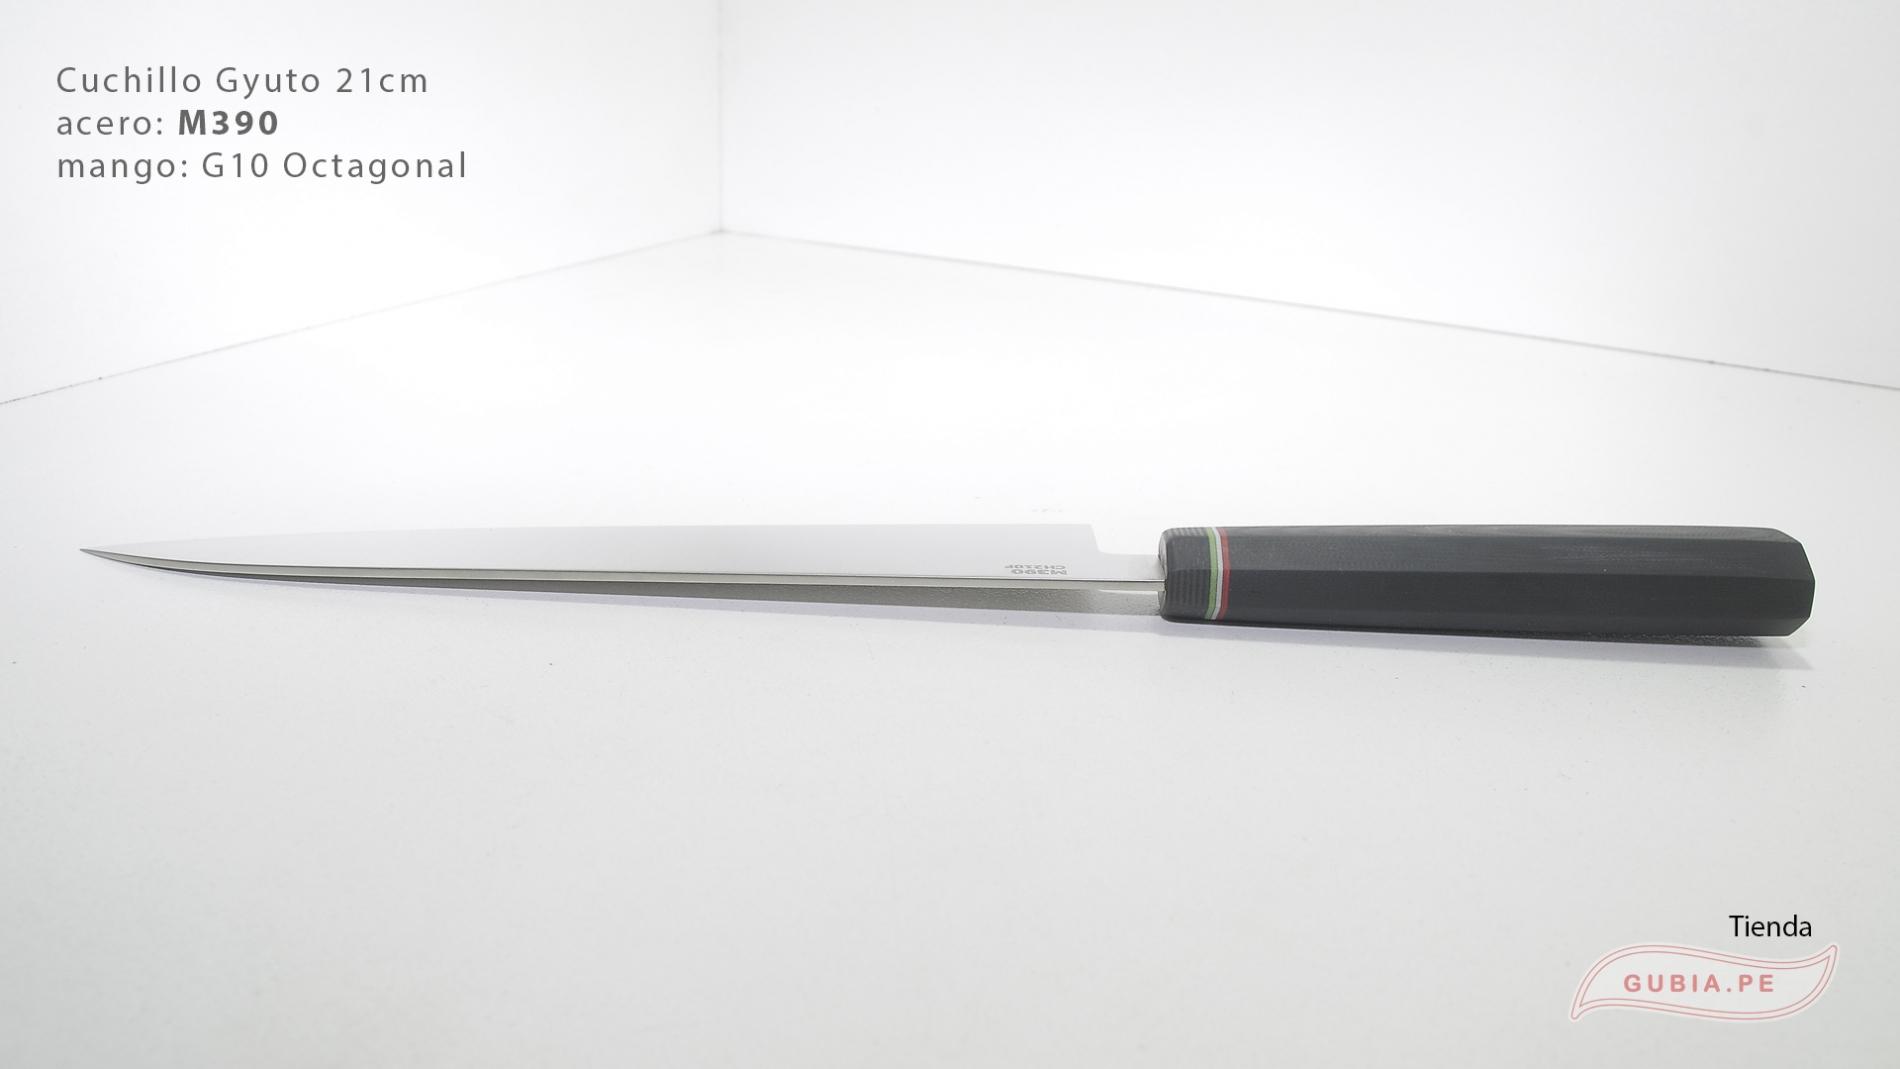 GUB0083-Cuchillo Gyuto 21 cm acero M390 mango G10 octagonal negro Italia GUB0083-max-6.